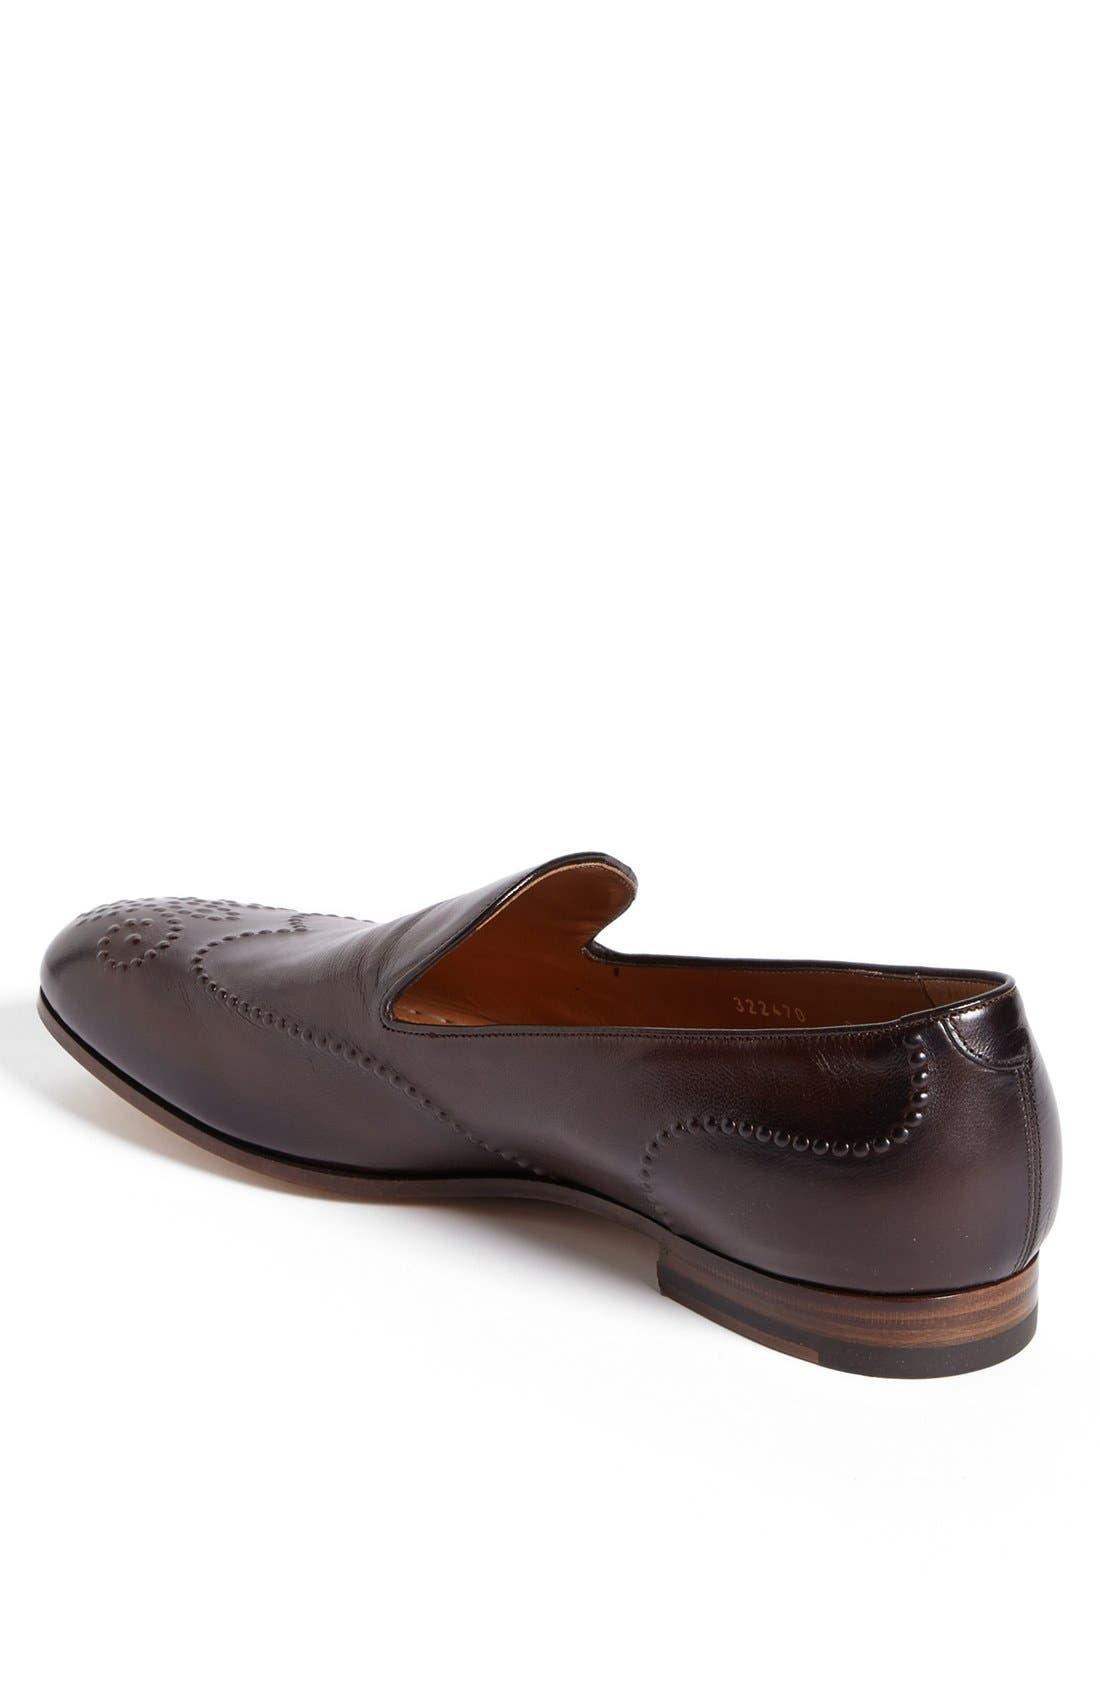 Alternate Image 2  - Gucci 'Beren' Loafer